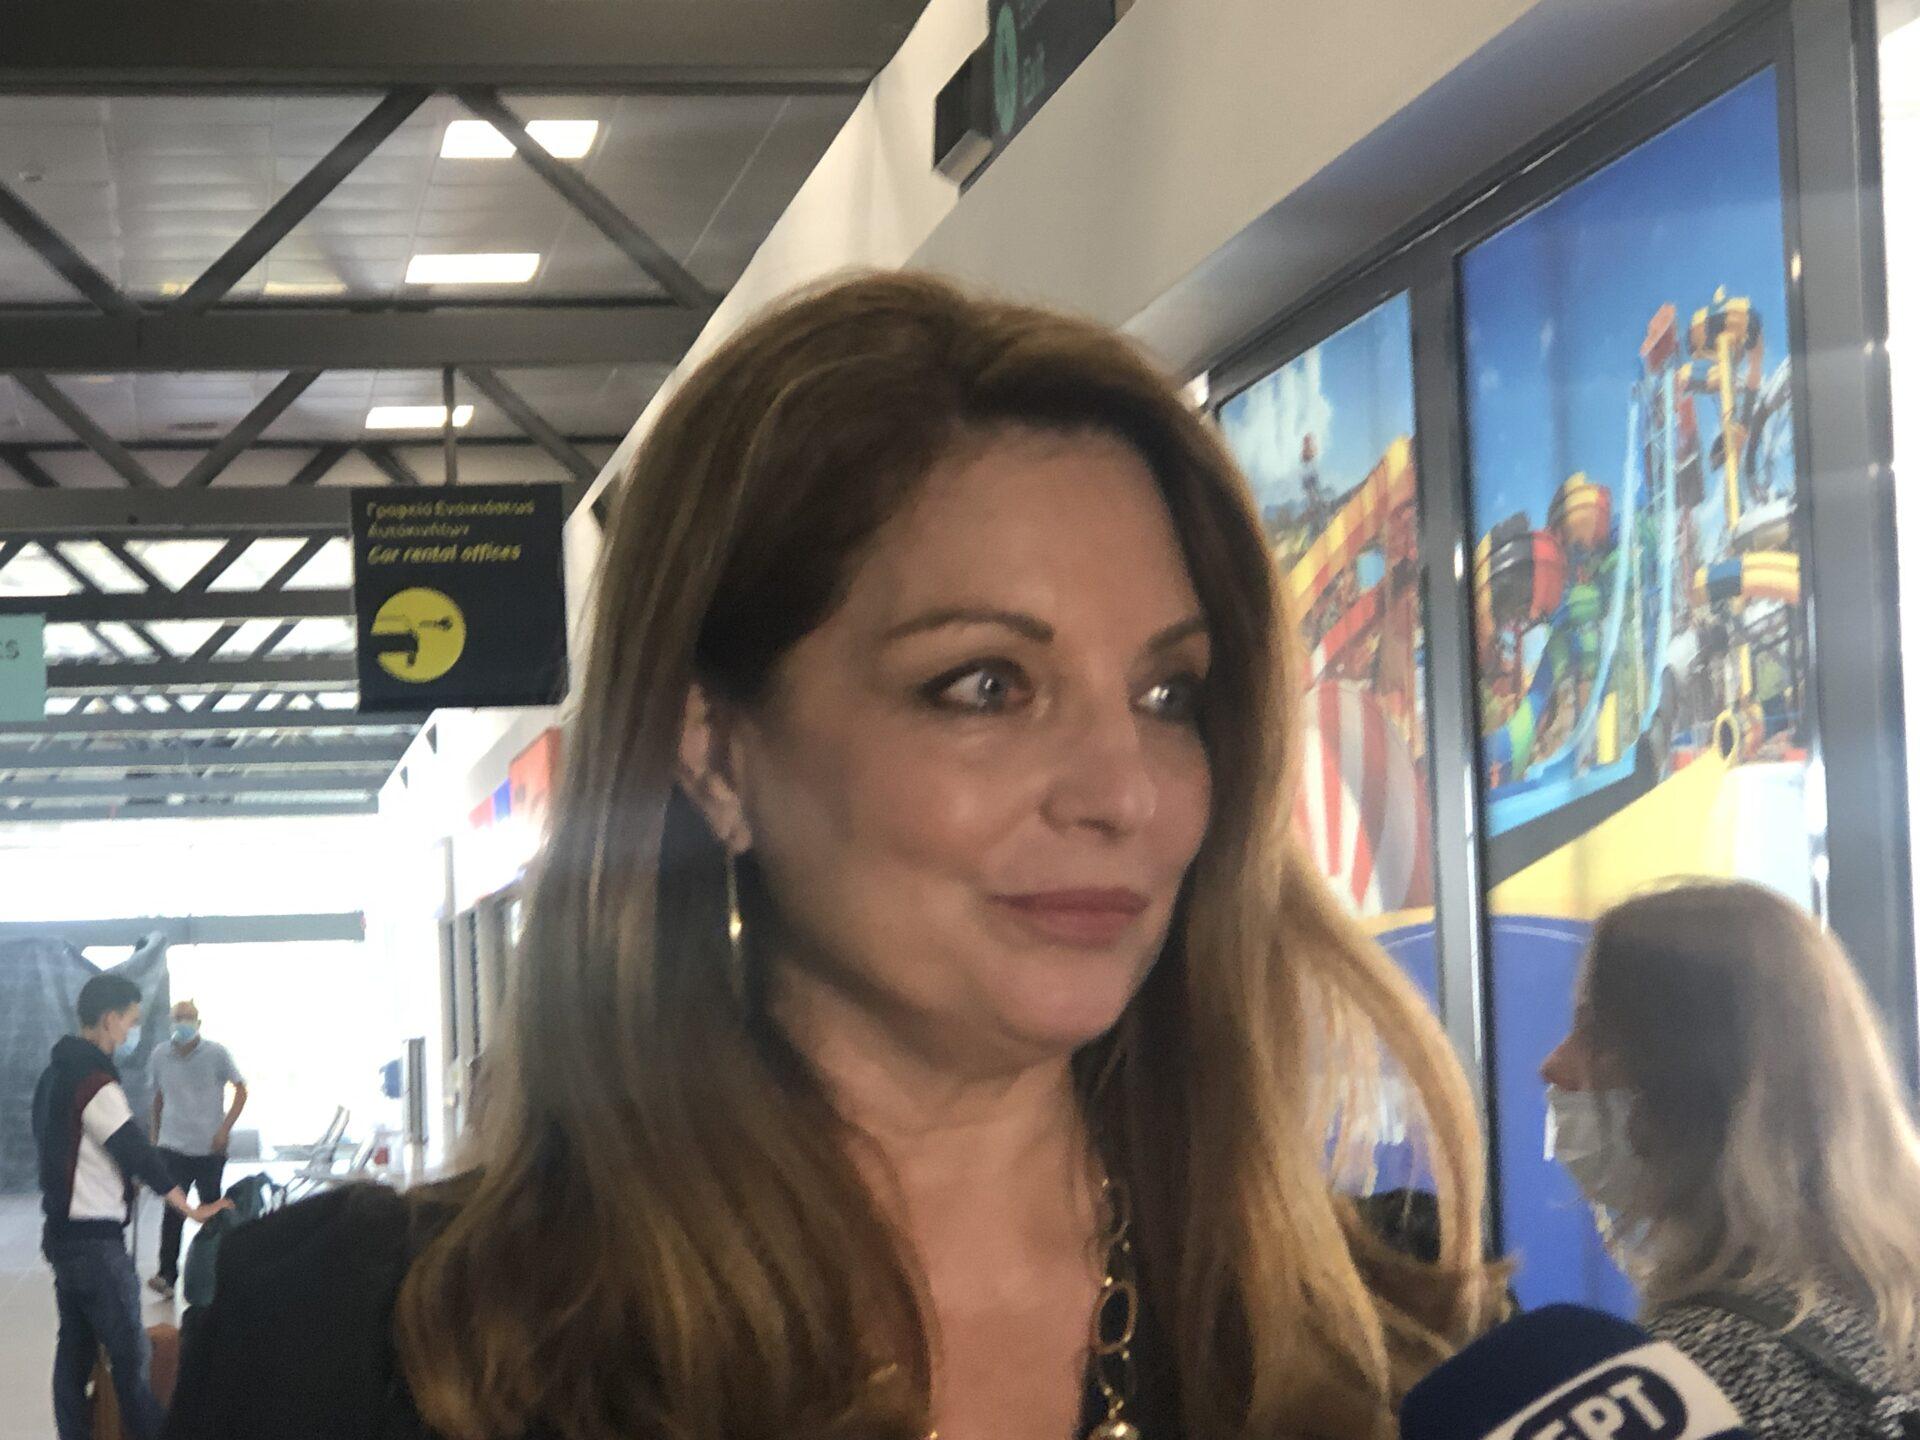 Γκερέκου: Εφικτό να πετύχει το 50% του 2019 ο τουρισμός μας.